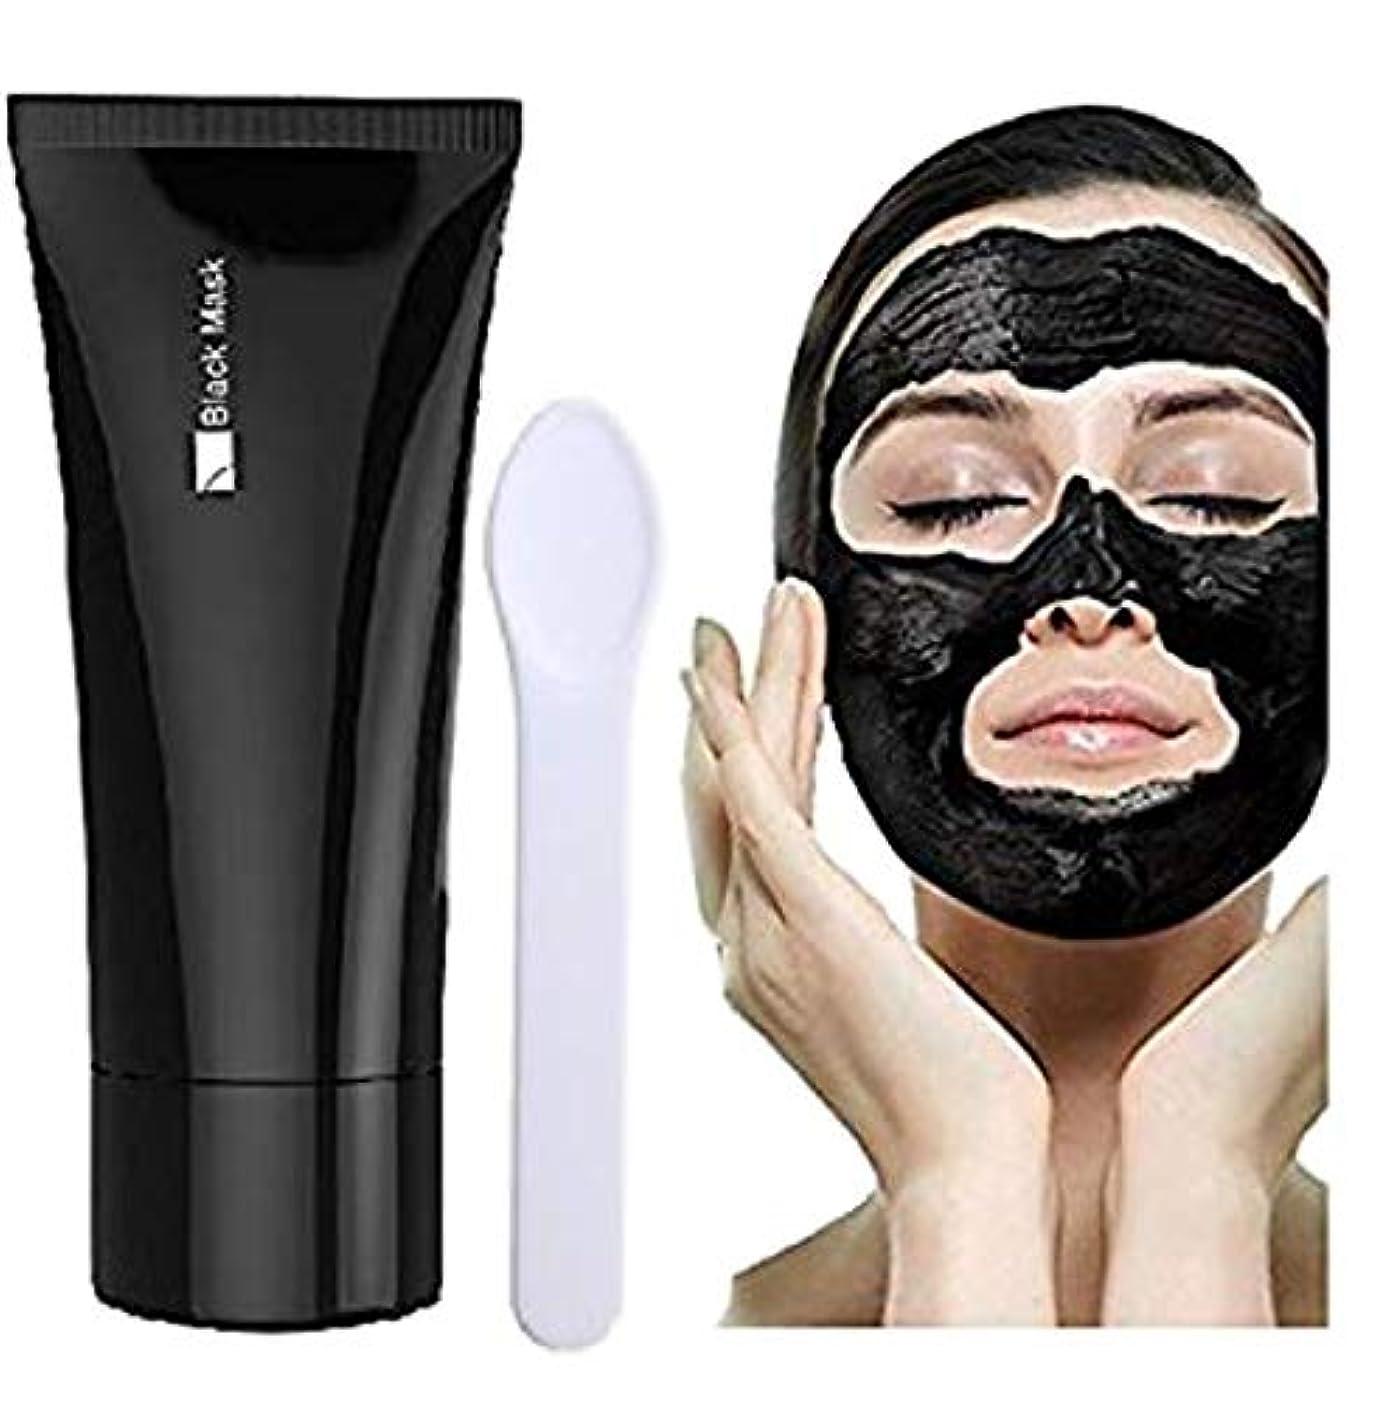 付き添い人俳句ゲージBlackhead Remover Mask, Black Forest Spa-Peel Off Black Head Acne Treatments,Face Cleaning Mask+Spoon